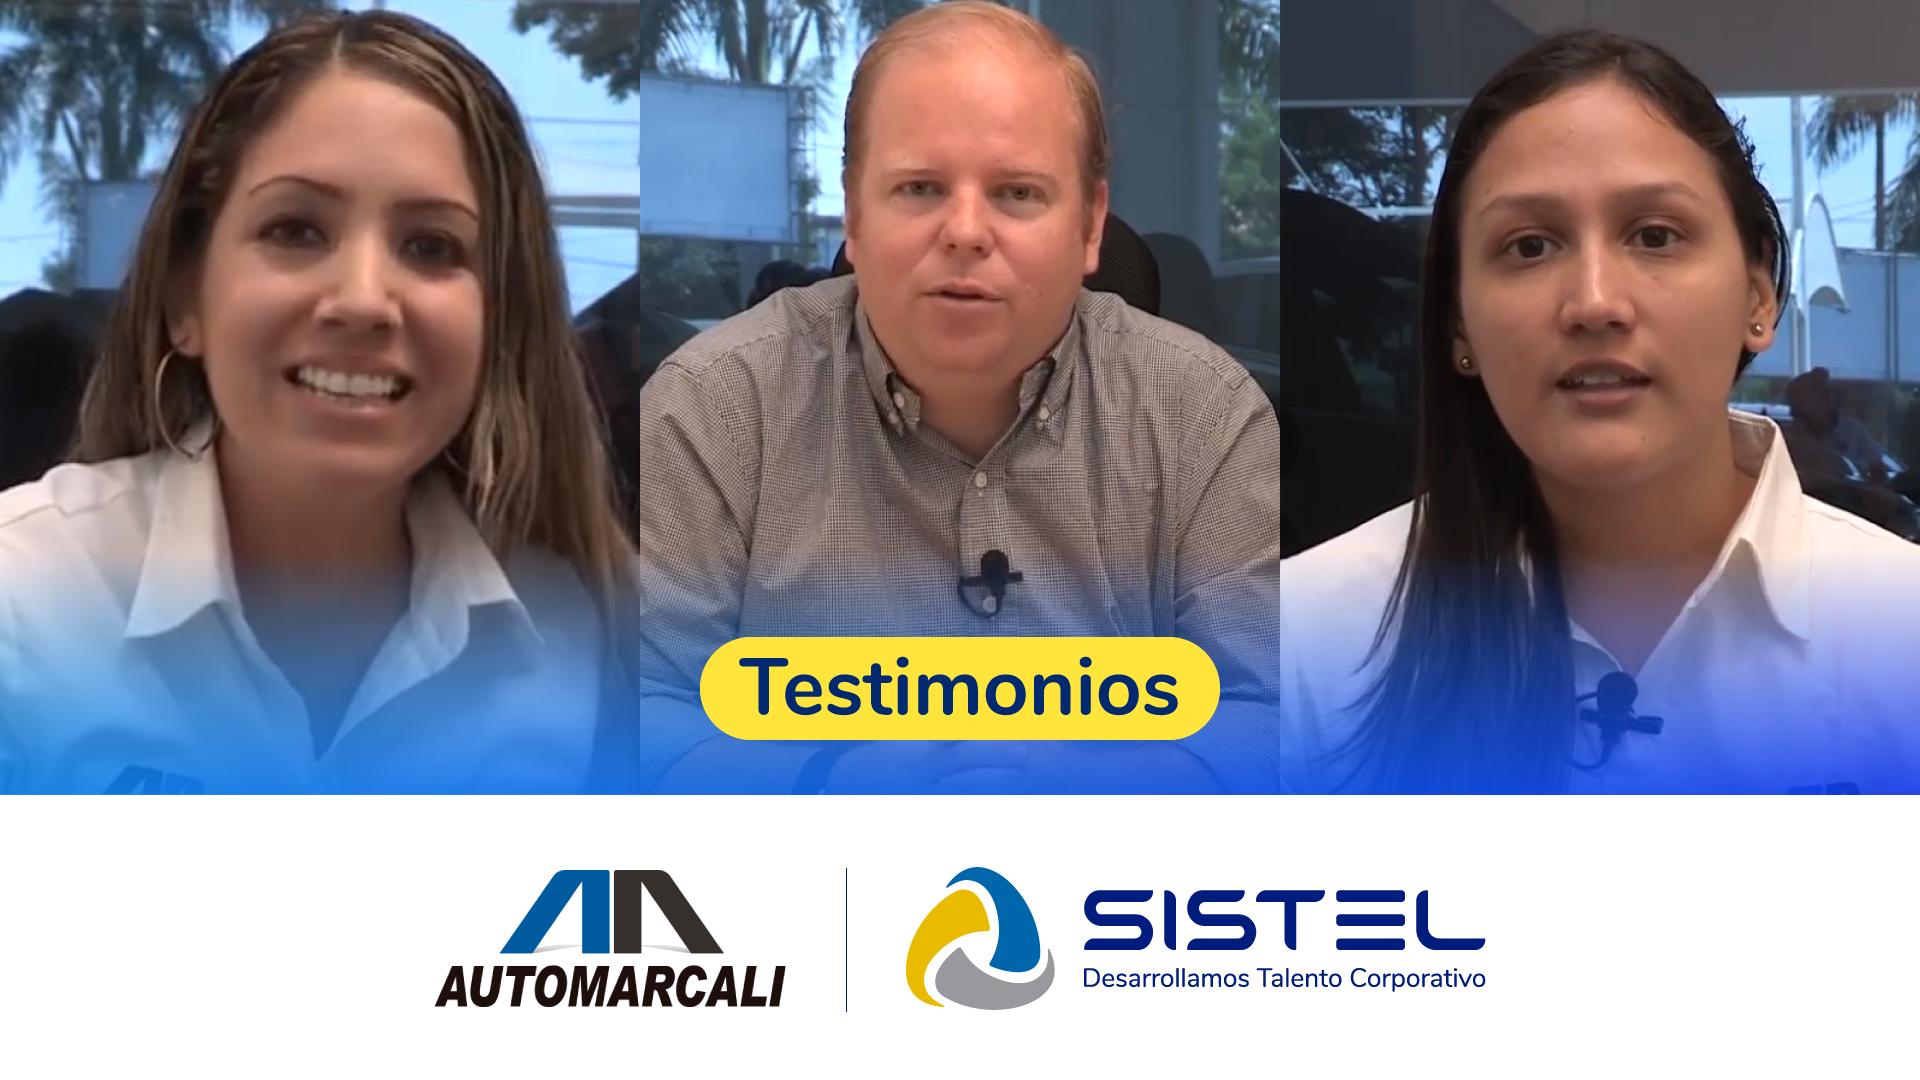 Testimonio Automarcali Sistel